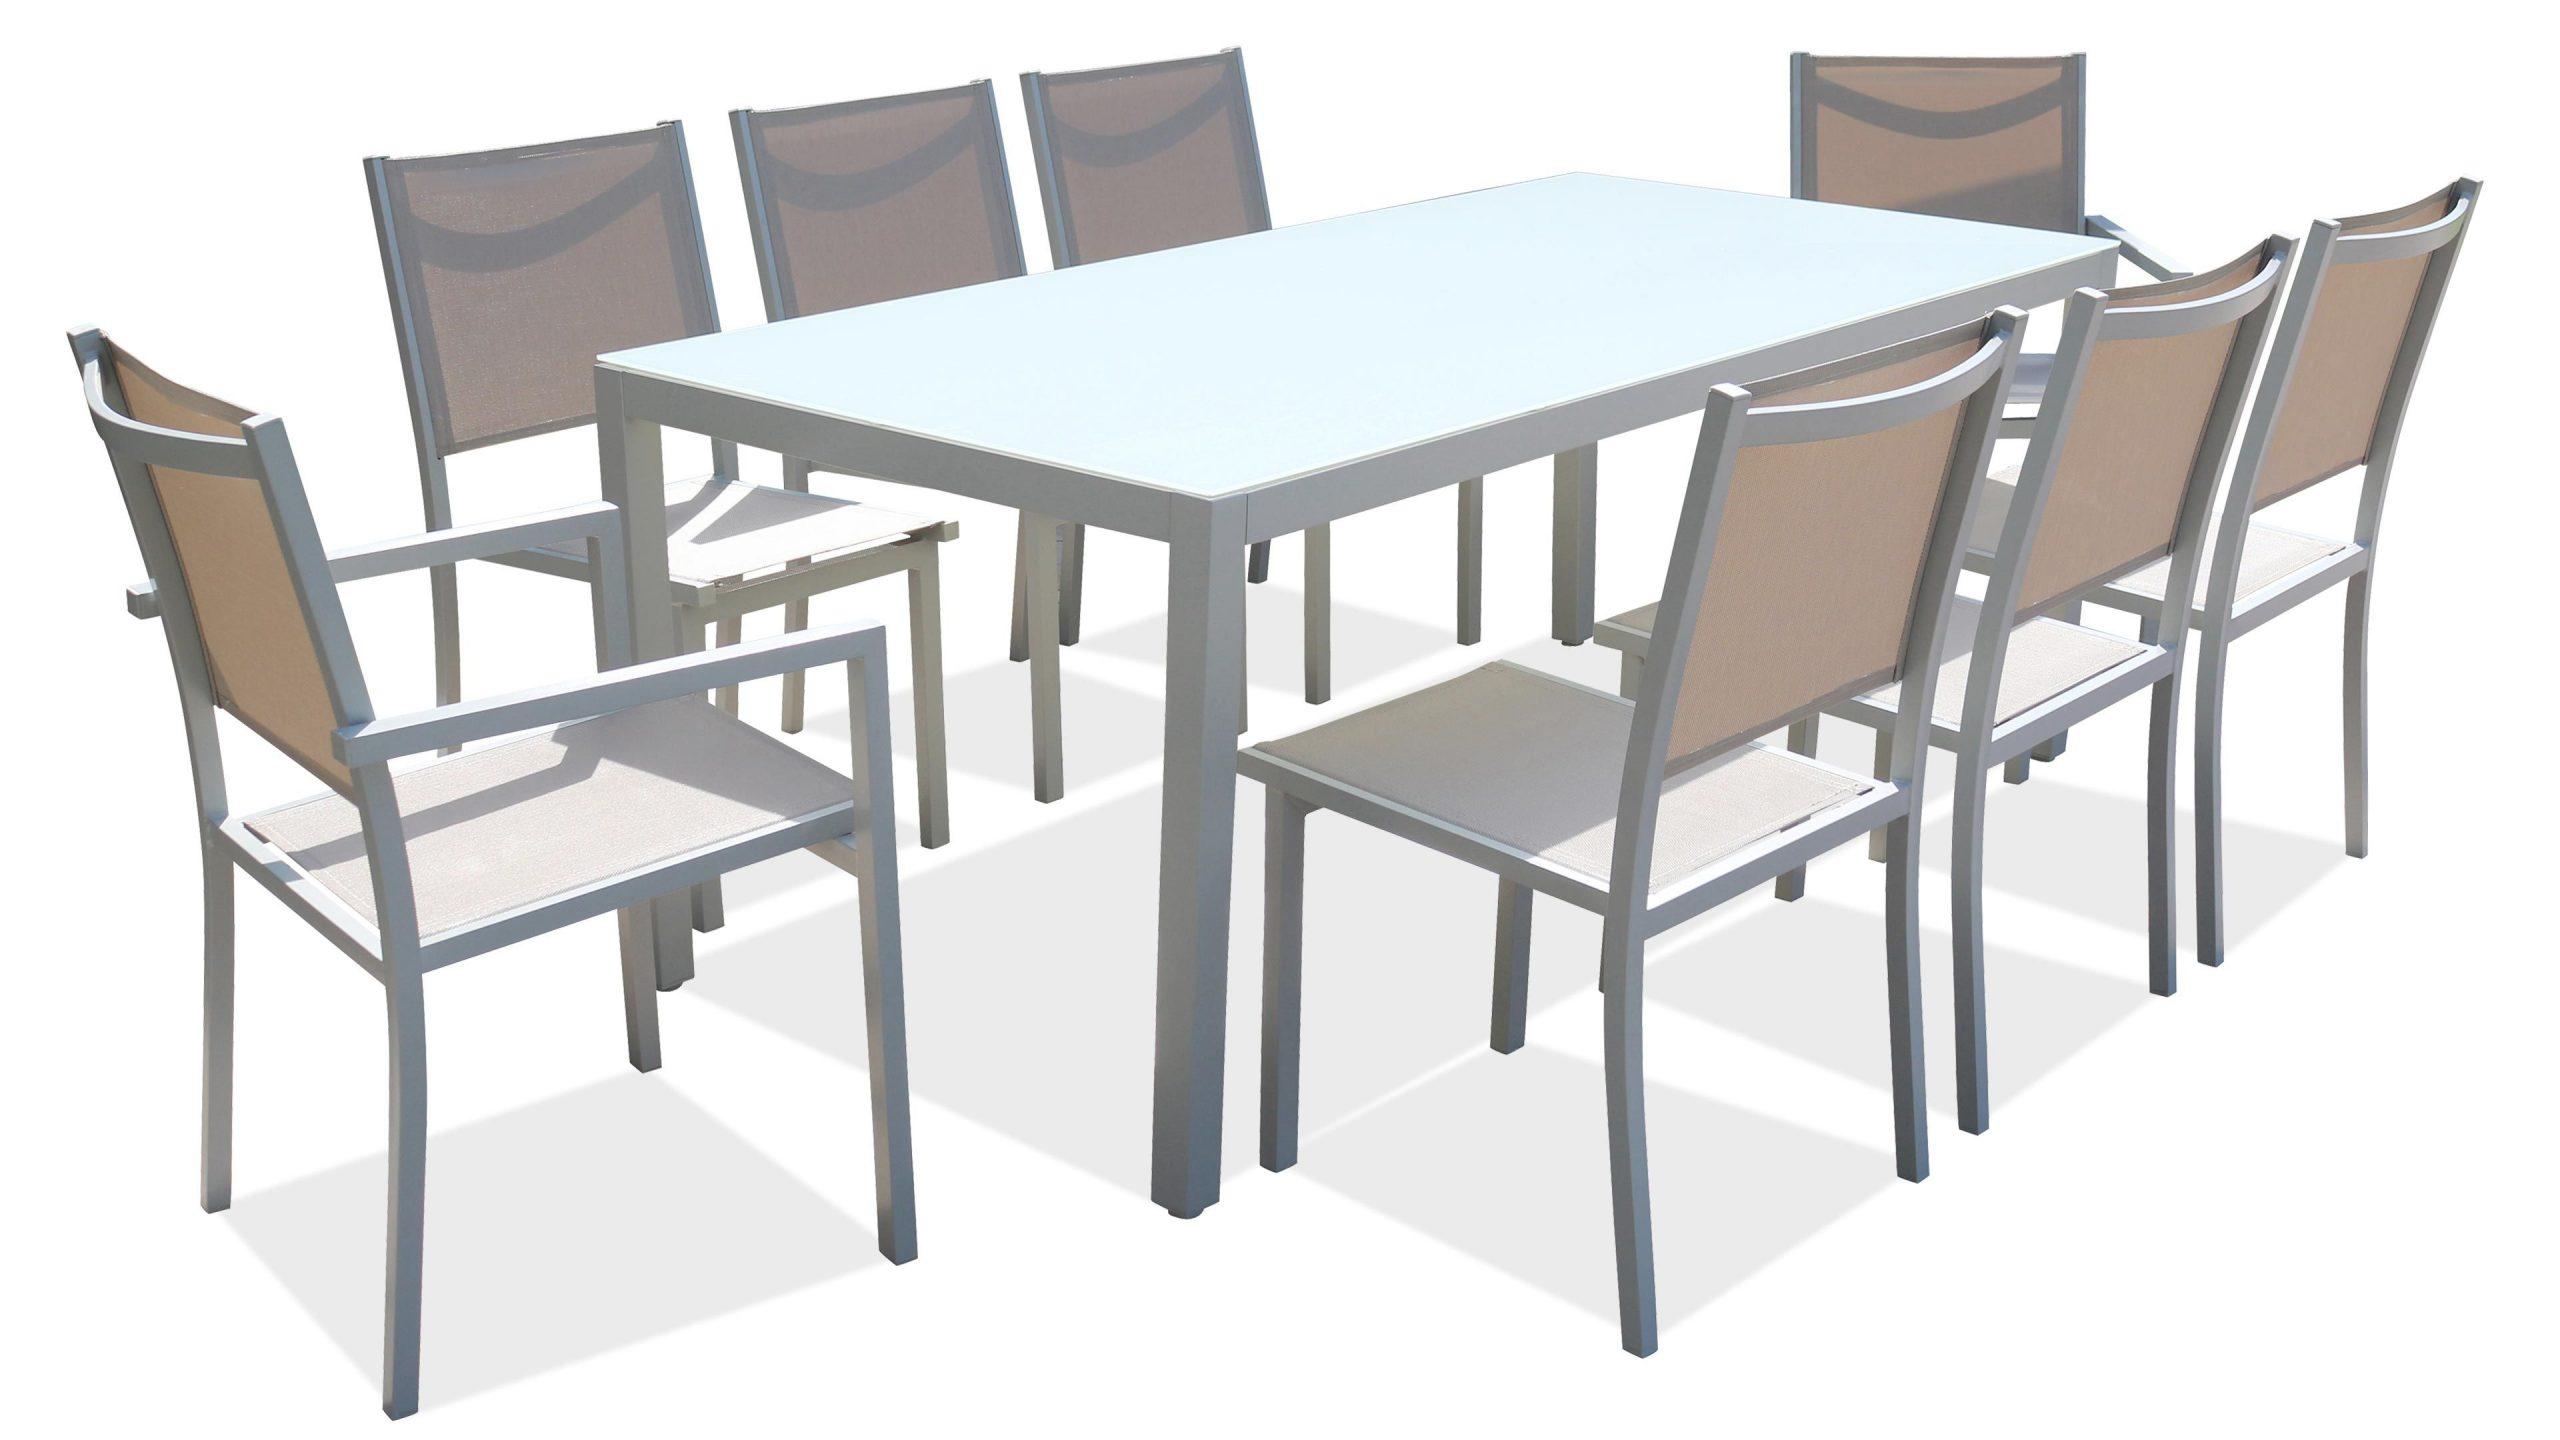 Salon De Jardin Aluminium Table De Jardin 8 Places avec Table De Jardin Aluminium Et Verre